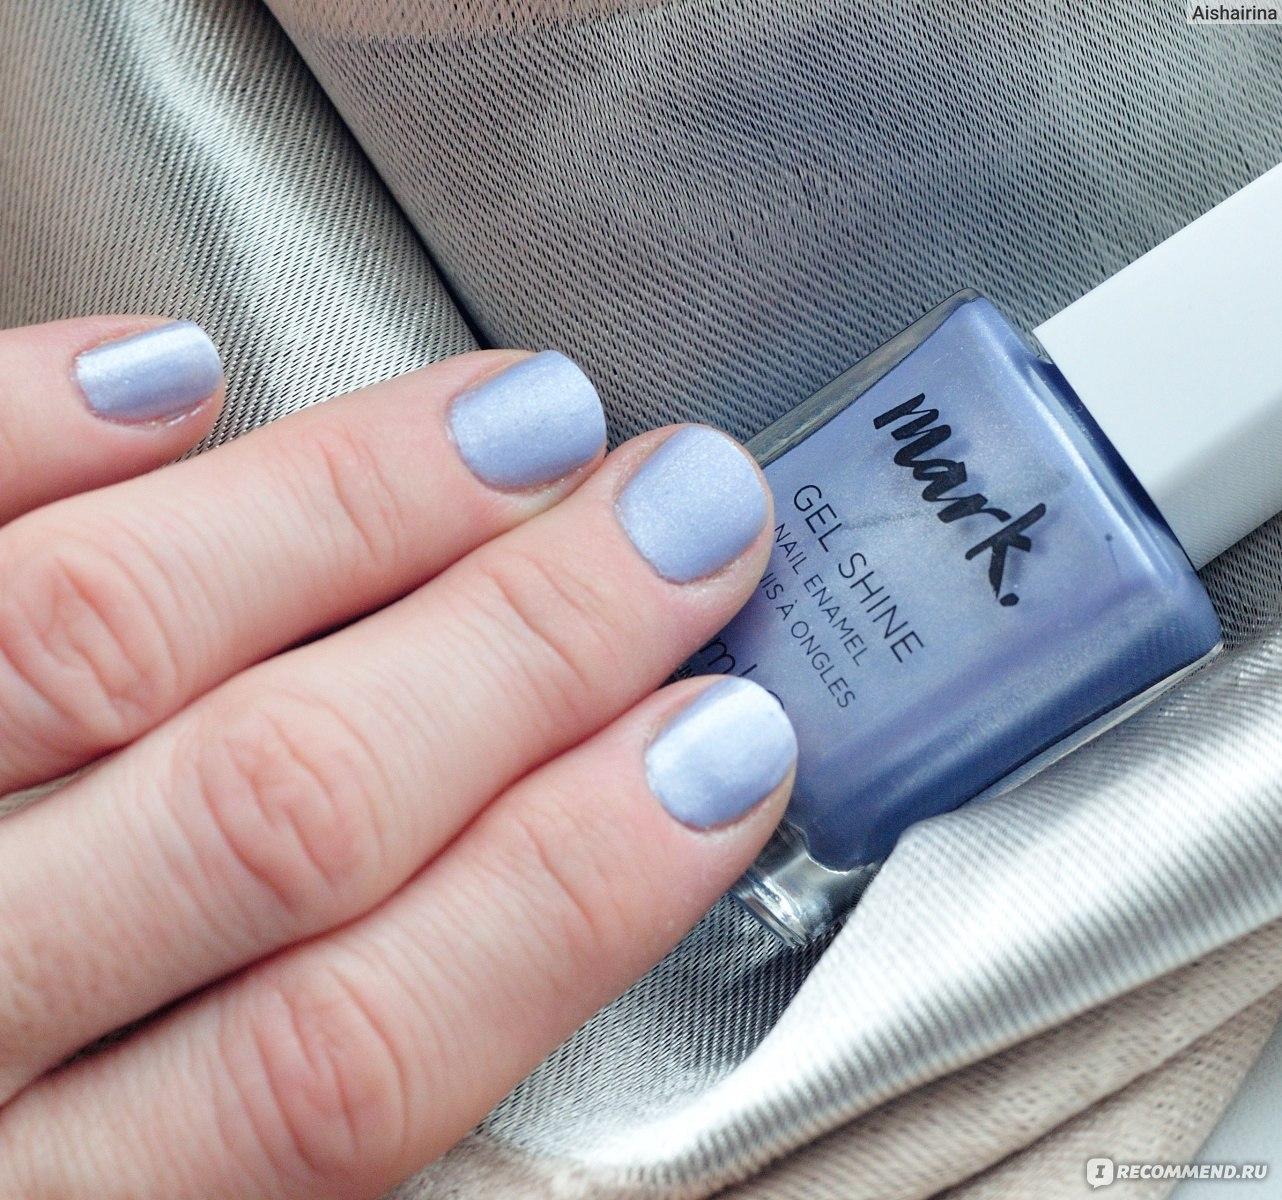 Лак для ногтей гель эффект mark где в москве купить косметику для ухода за лицом premium